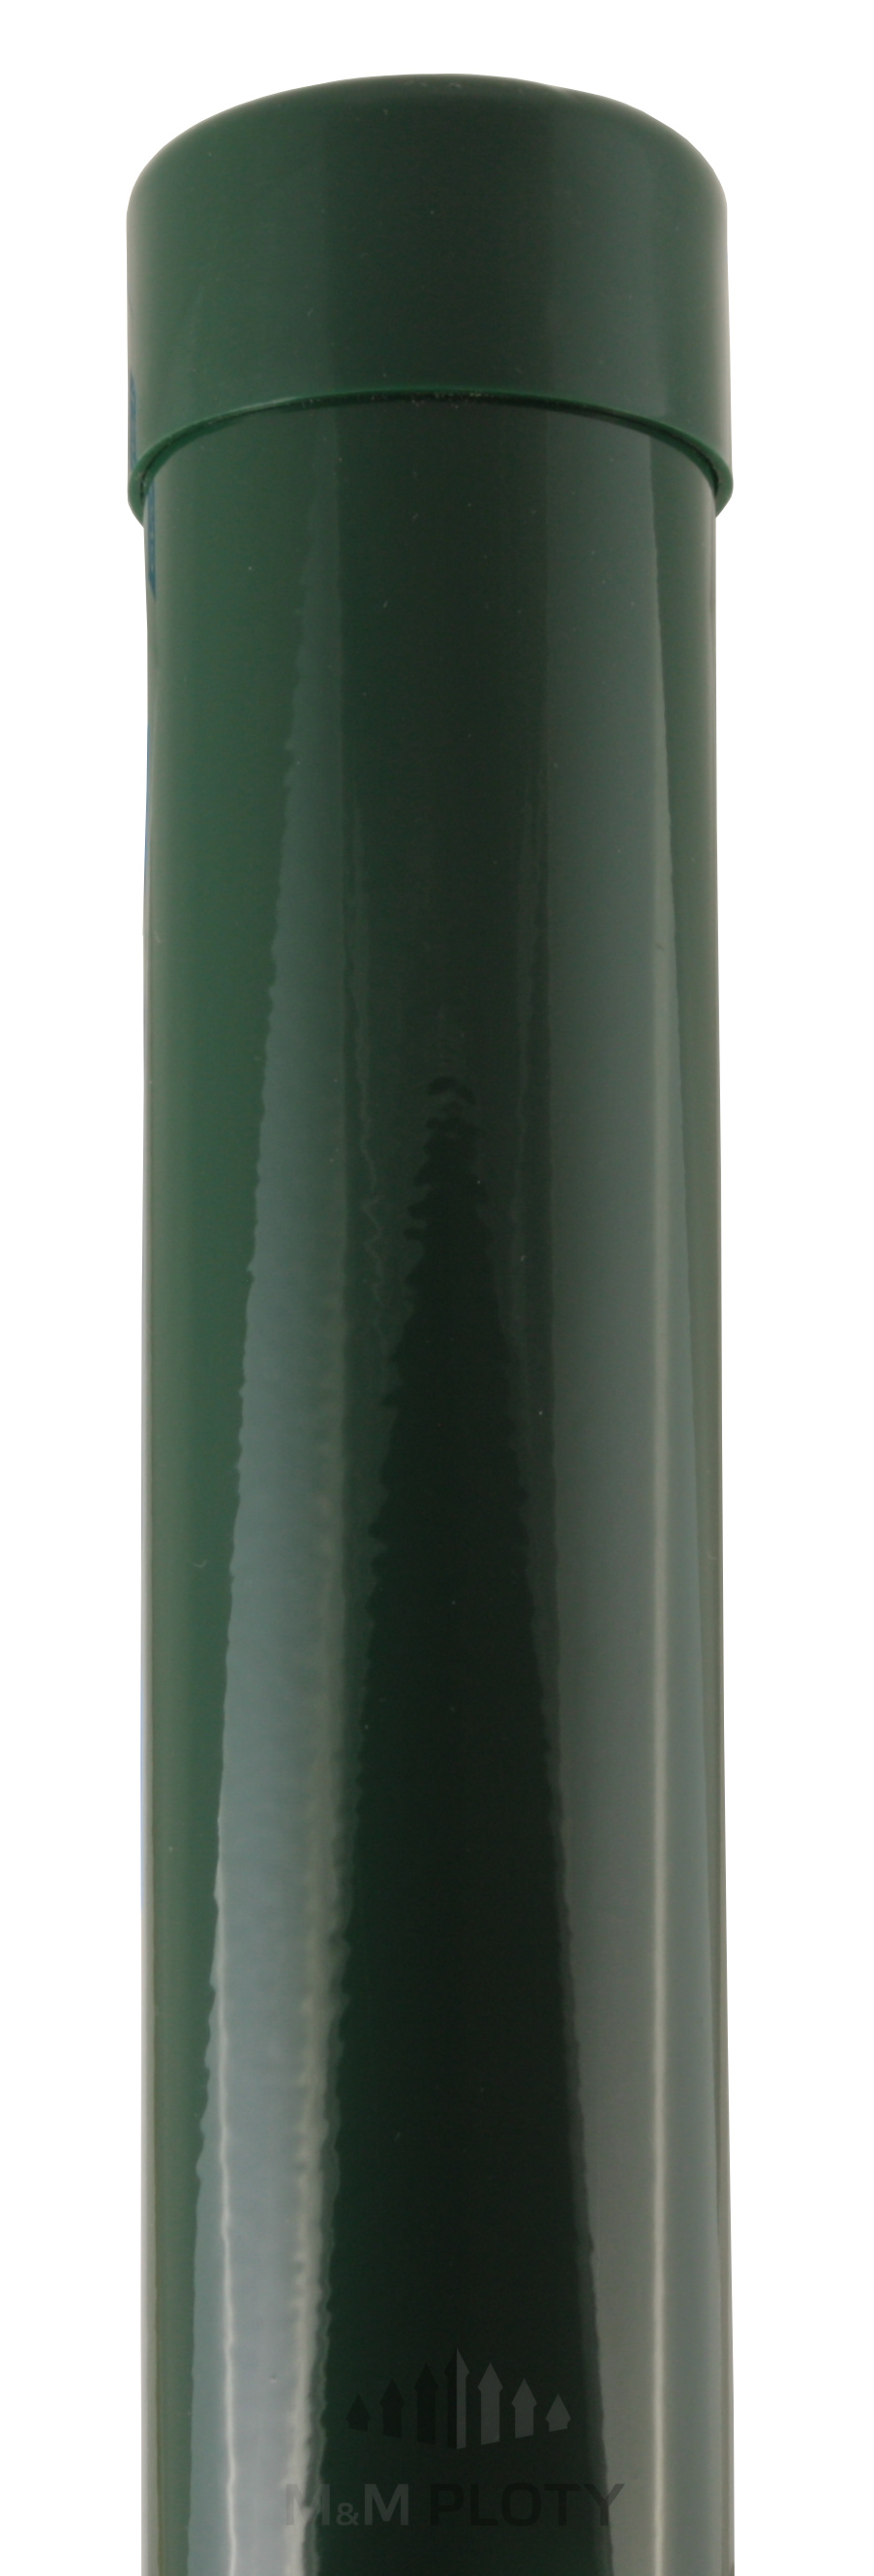 Plotový sloupek zelený, průměr 48 mm, výška 175 cm